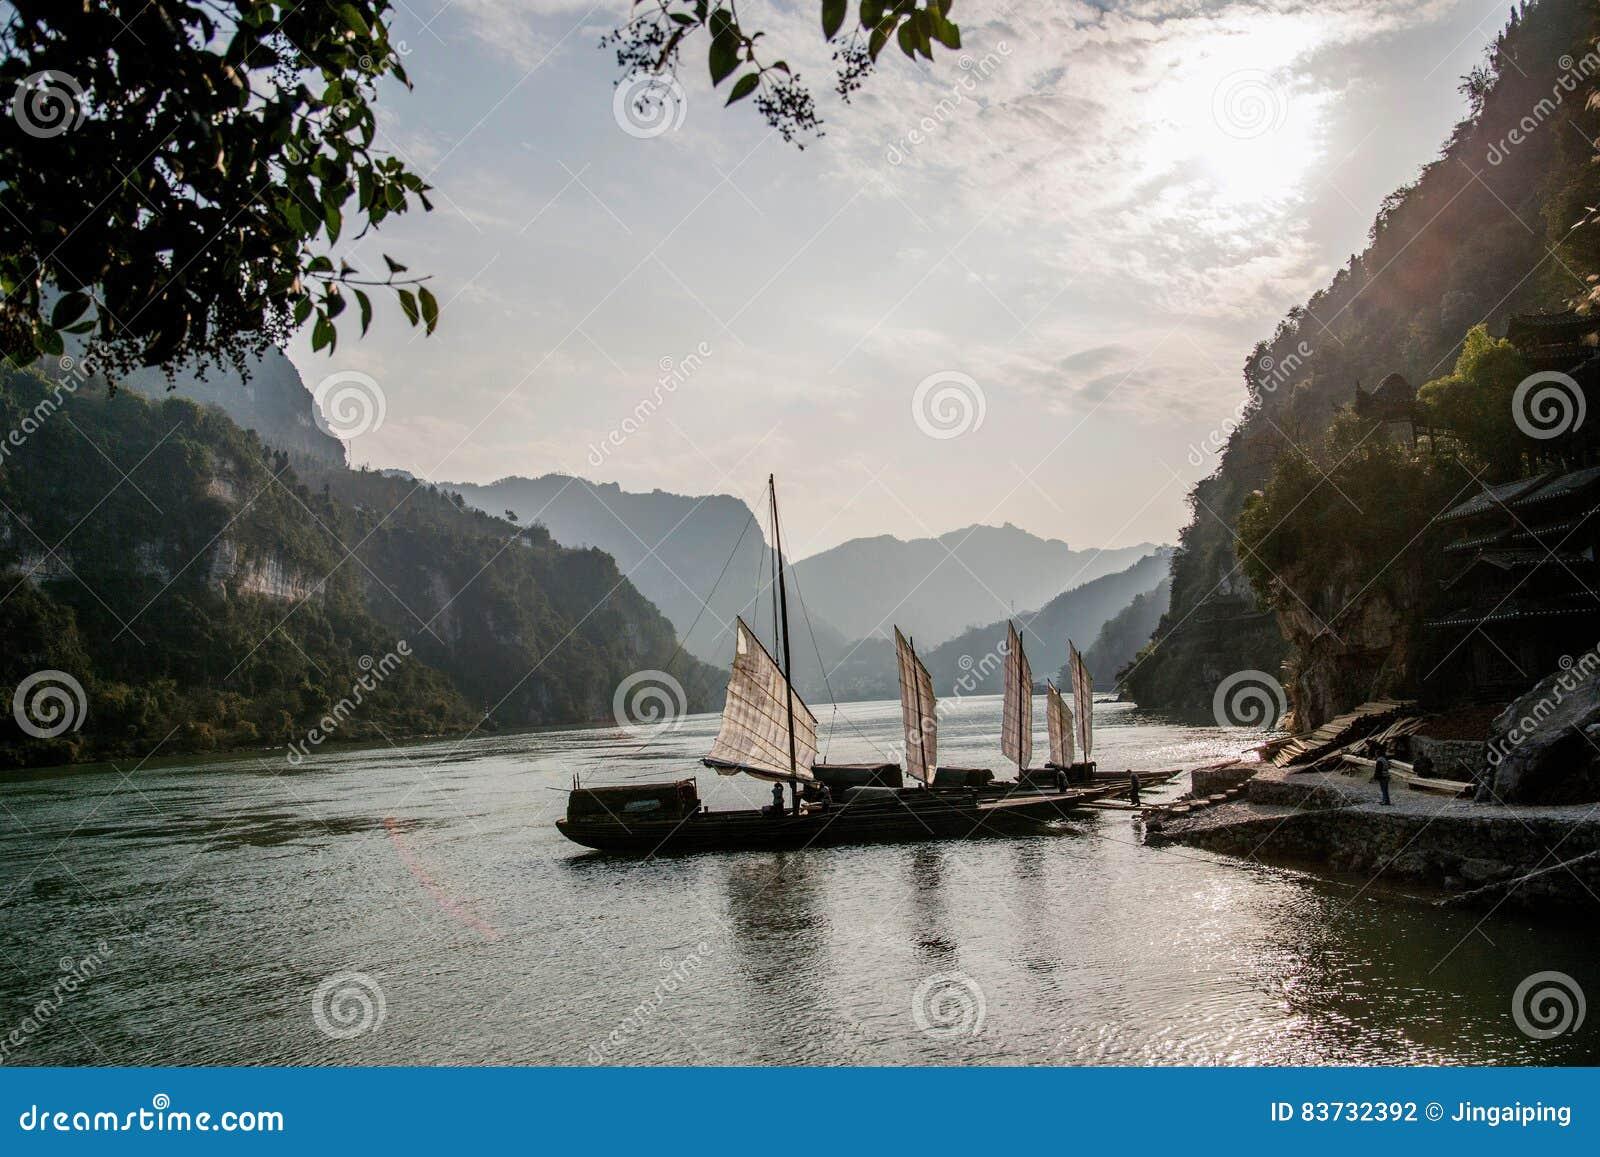 Rivier Drie Kloven Dengying Gap van Yilingsyangtze in het galjoen van de kloofrivier